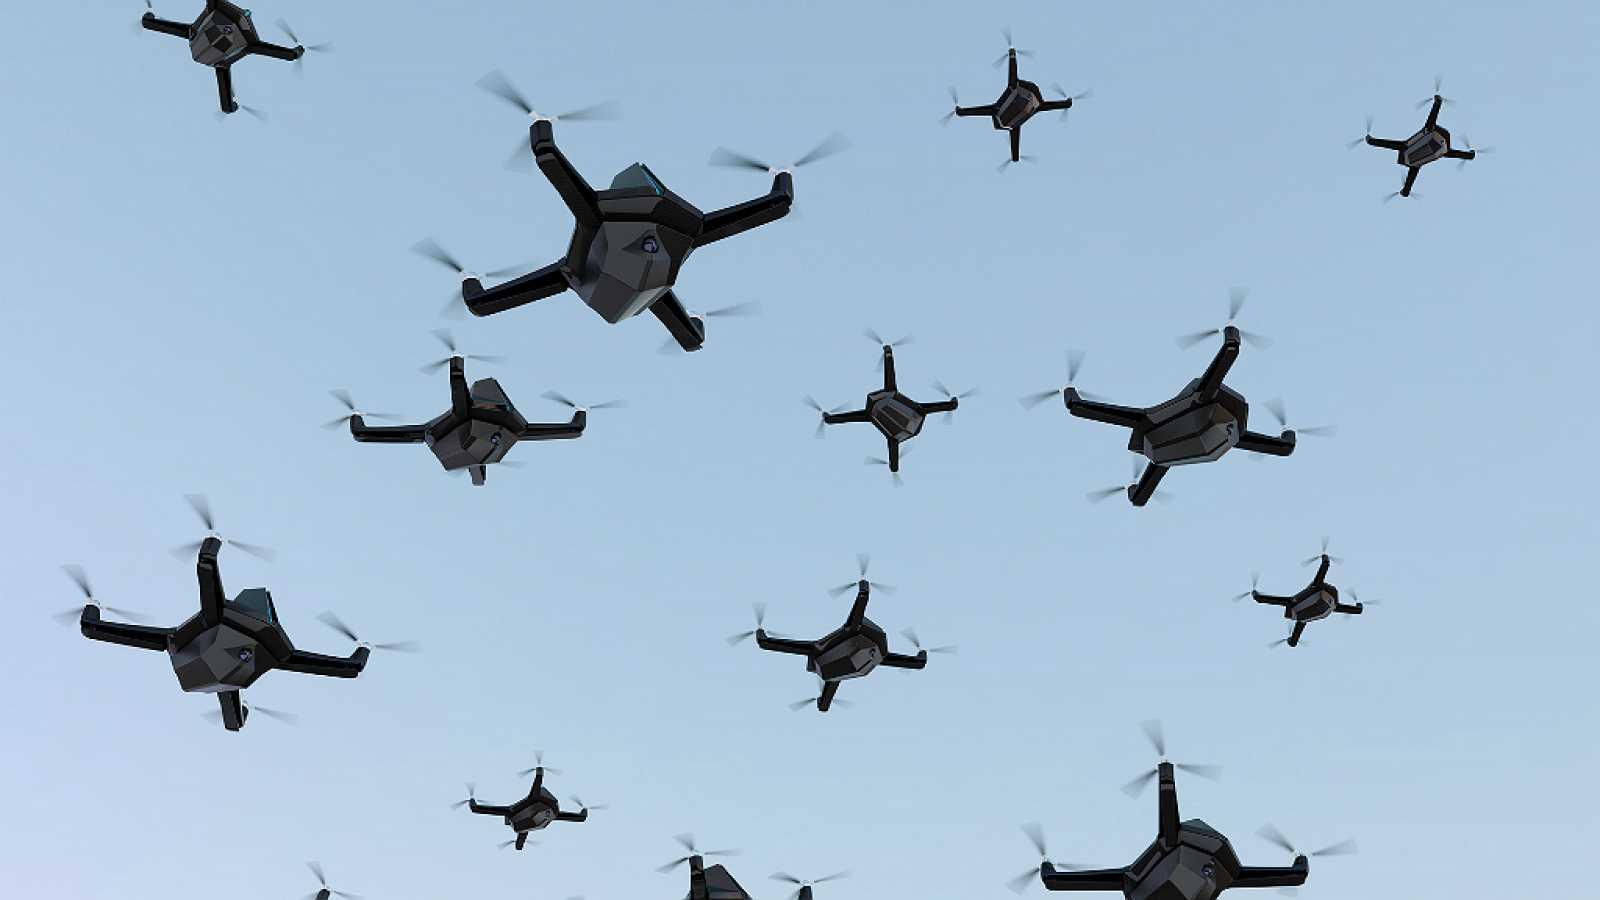 Por todo lo alto - Drones para inspecciones de seguridad - 22/11/17 - Escuchar ahora